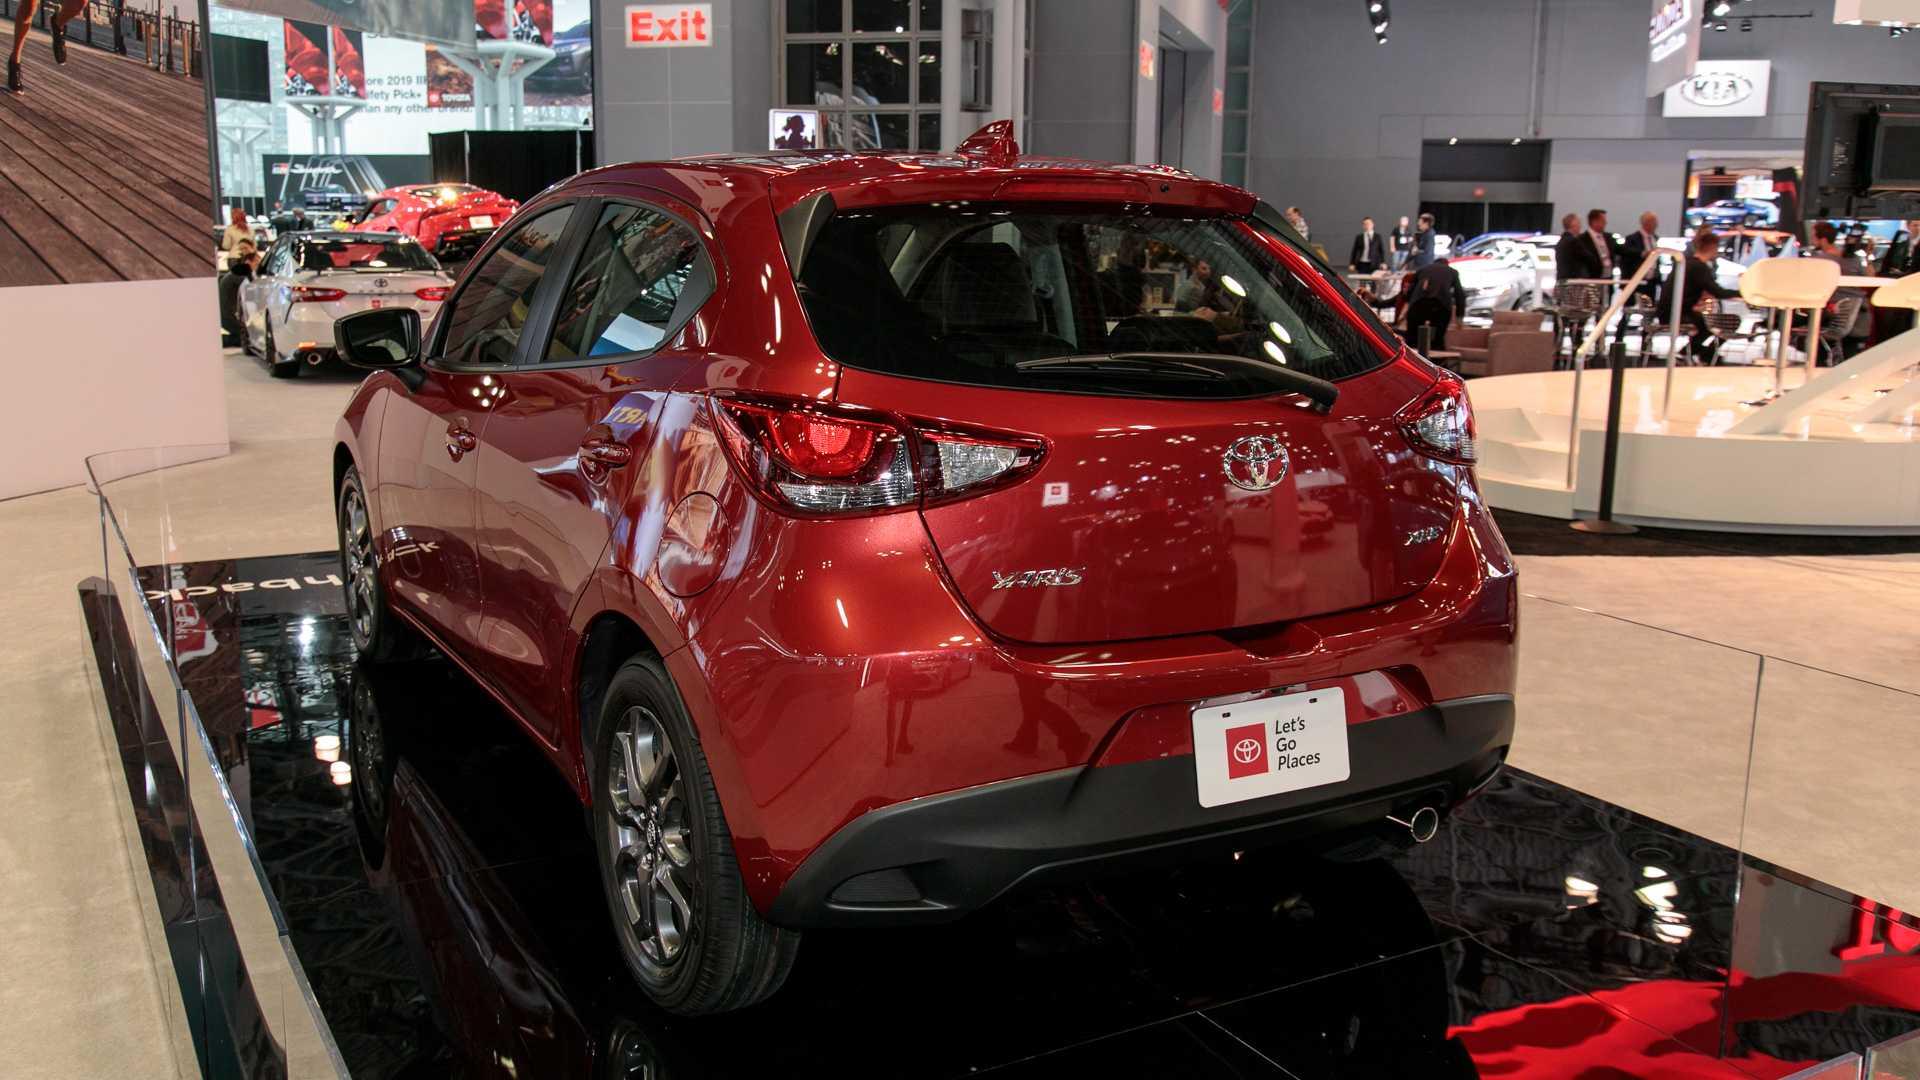 63 All New Yaris 2020 Mazda 2 Wallpaper with Yaris 2020 Mazda 2